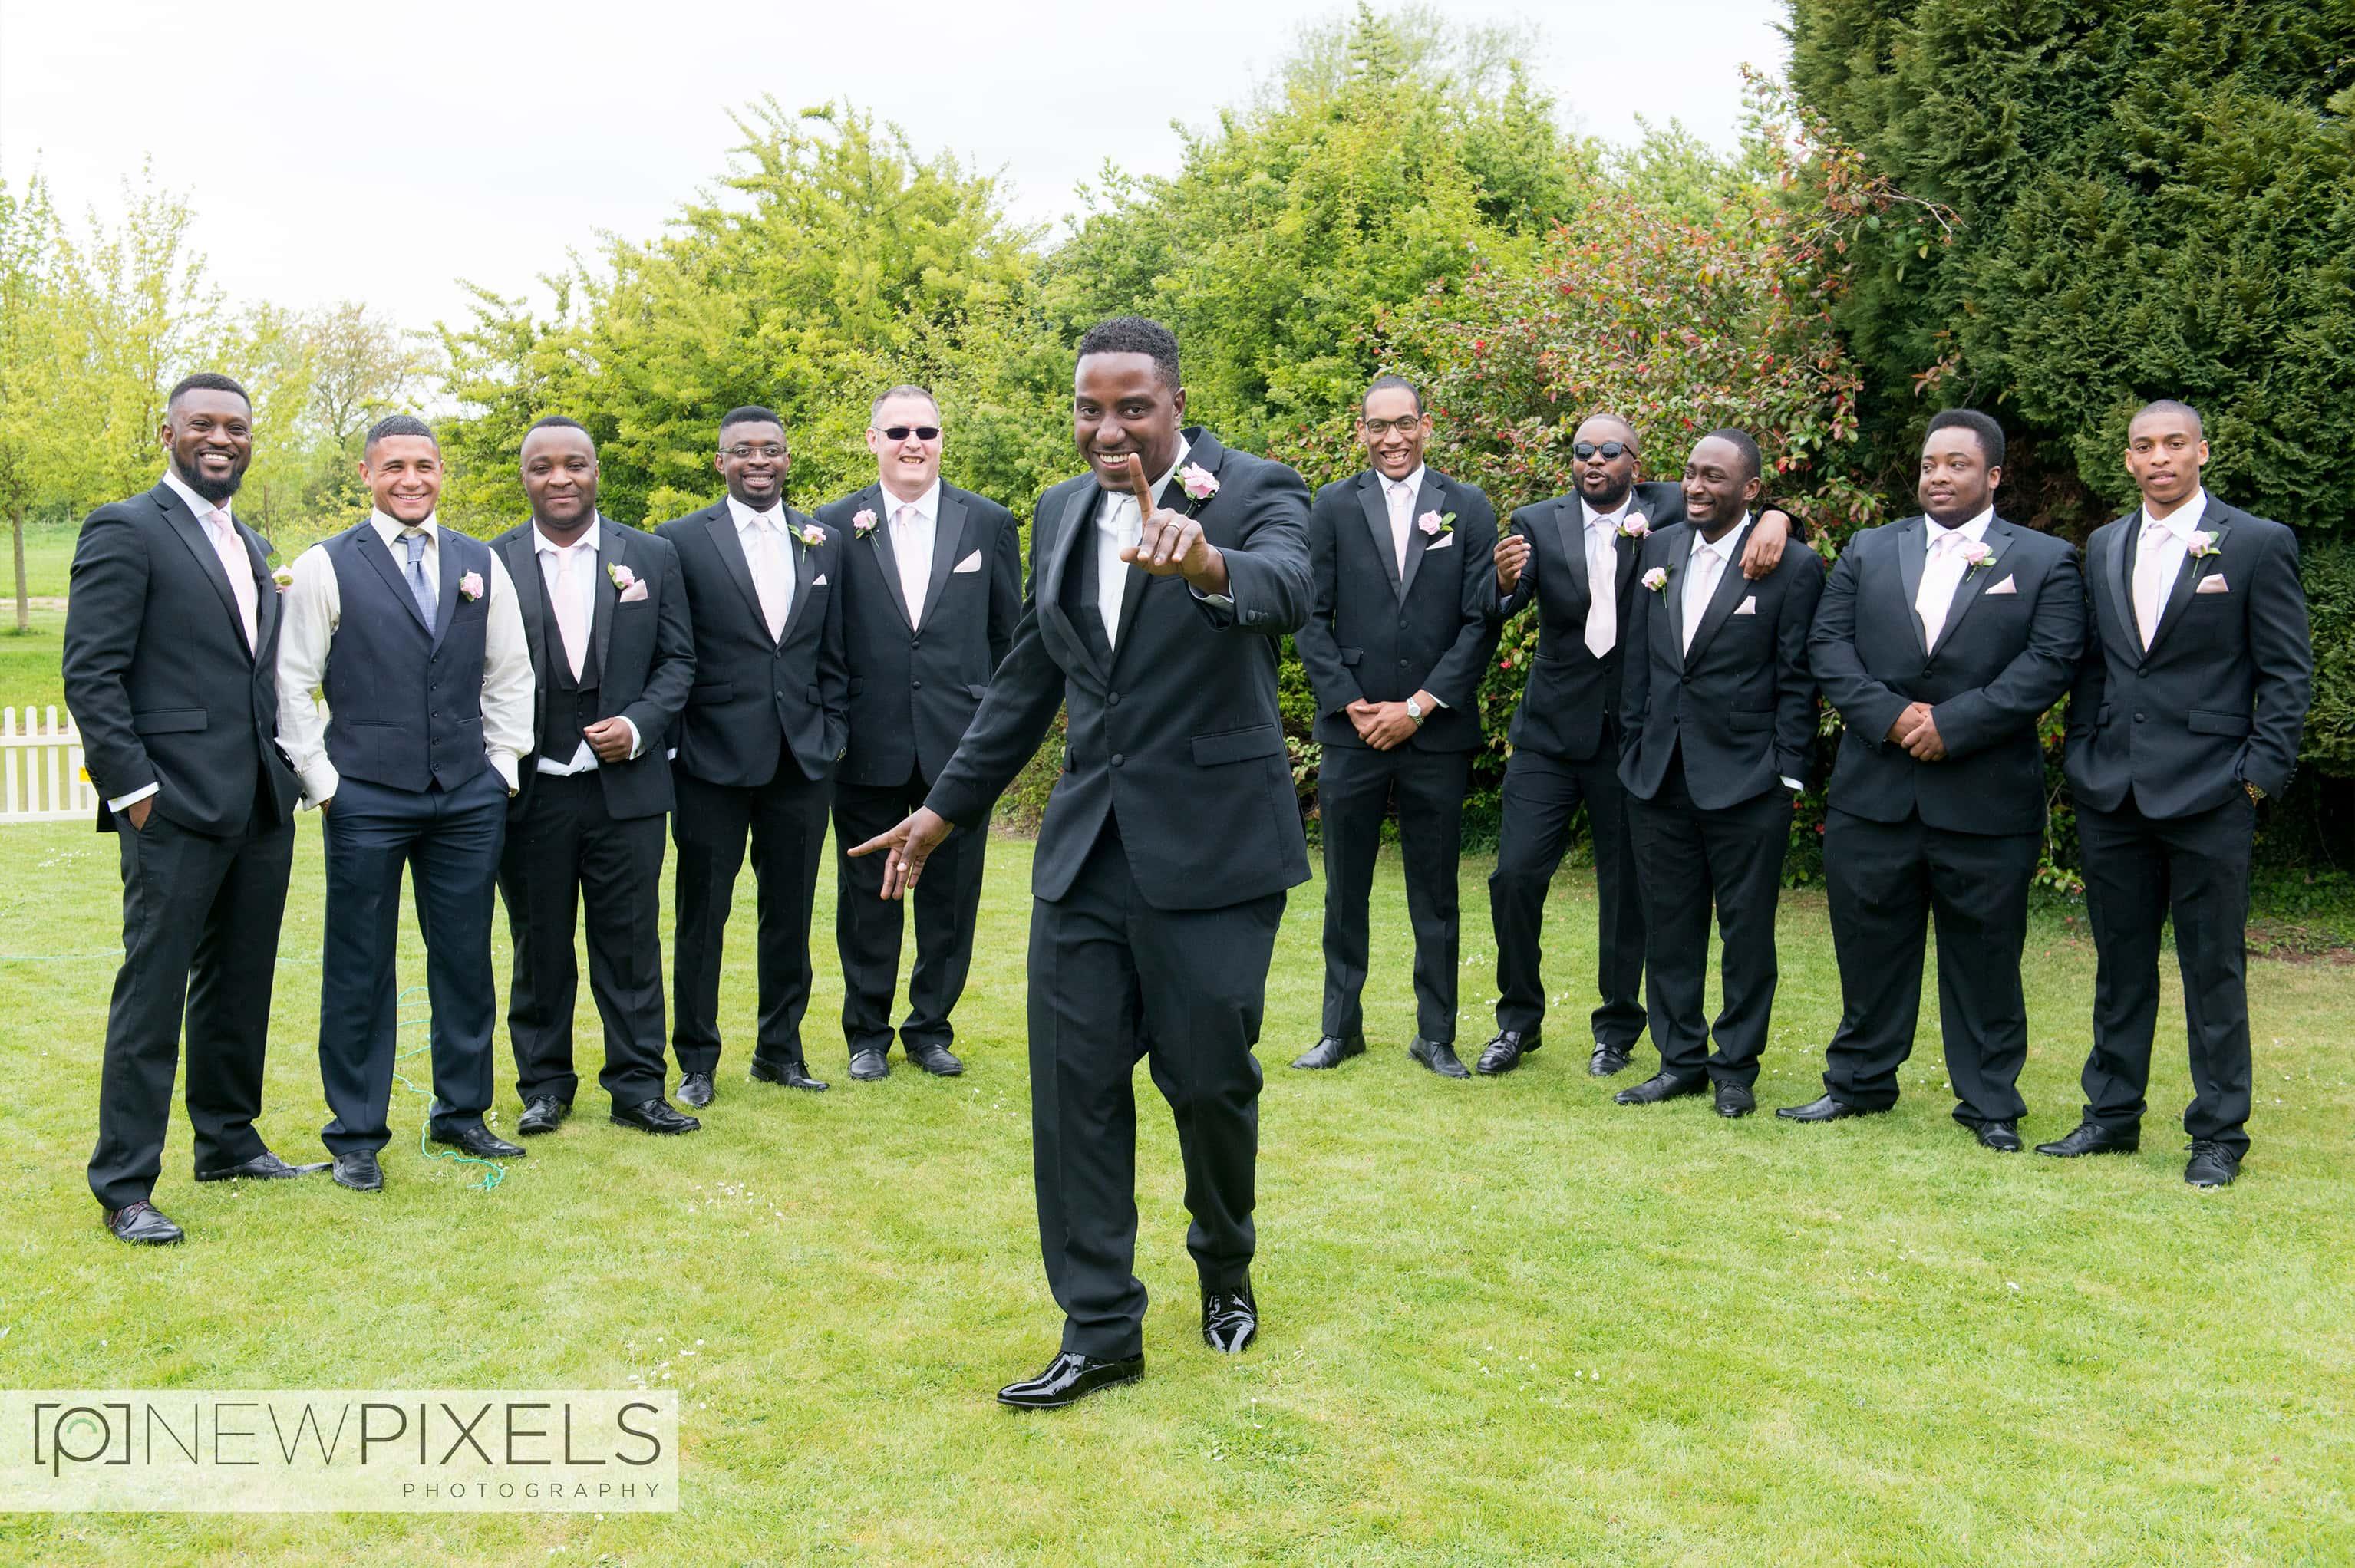 Reid_Rooms_Wedding_Photography_NewPixels22